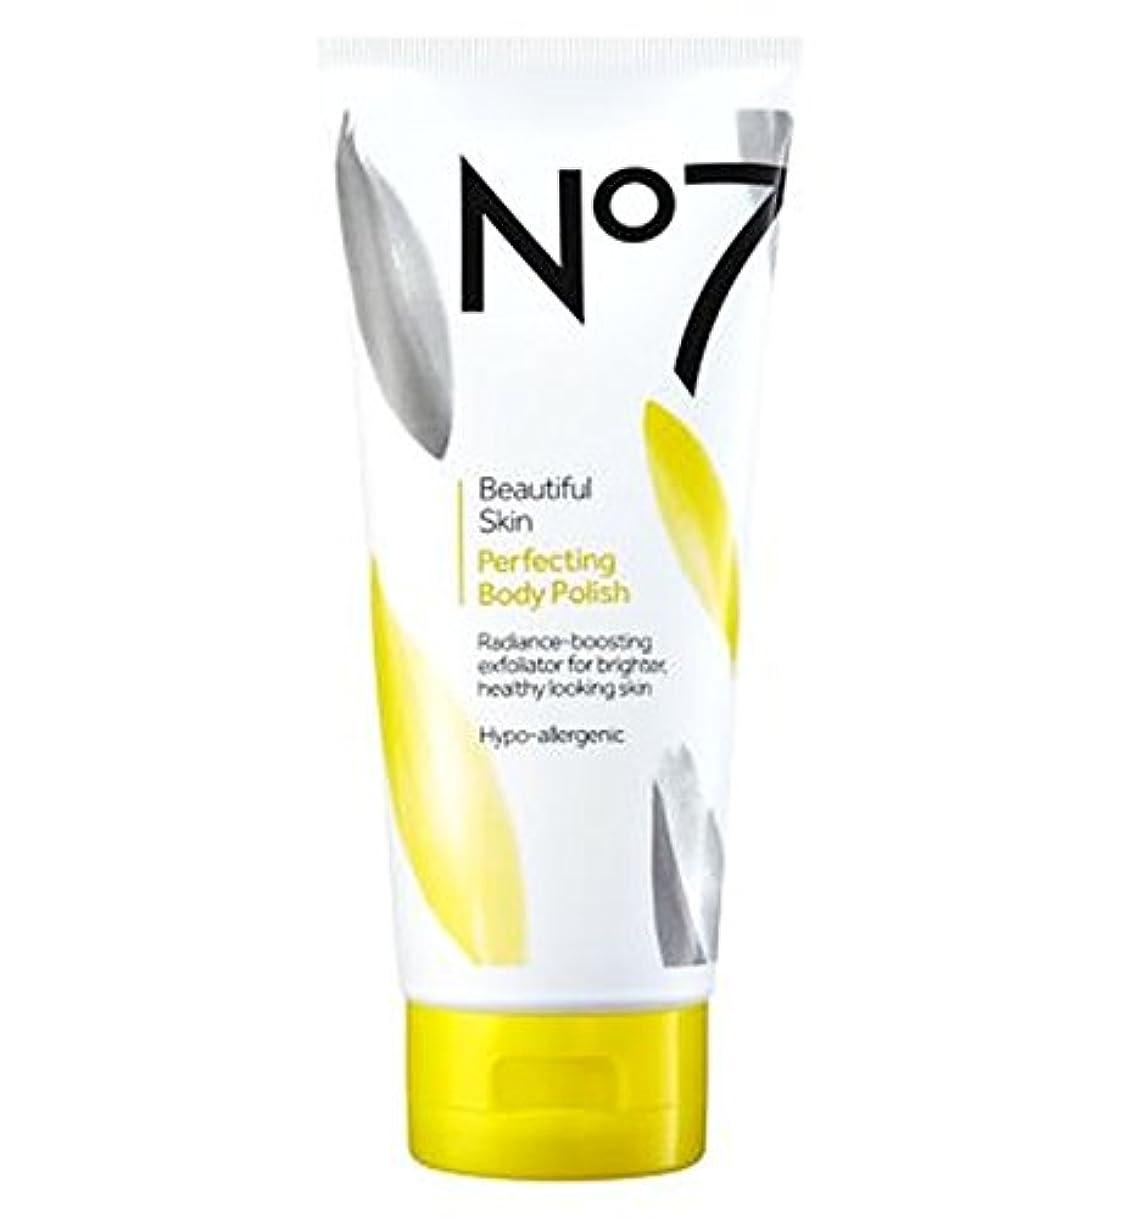 失望白雪姫告発No7 Beautiful Skin Perfecting Body Polish - ボディポリッシュを完成No7美肌 (No7) [並行輸入品]